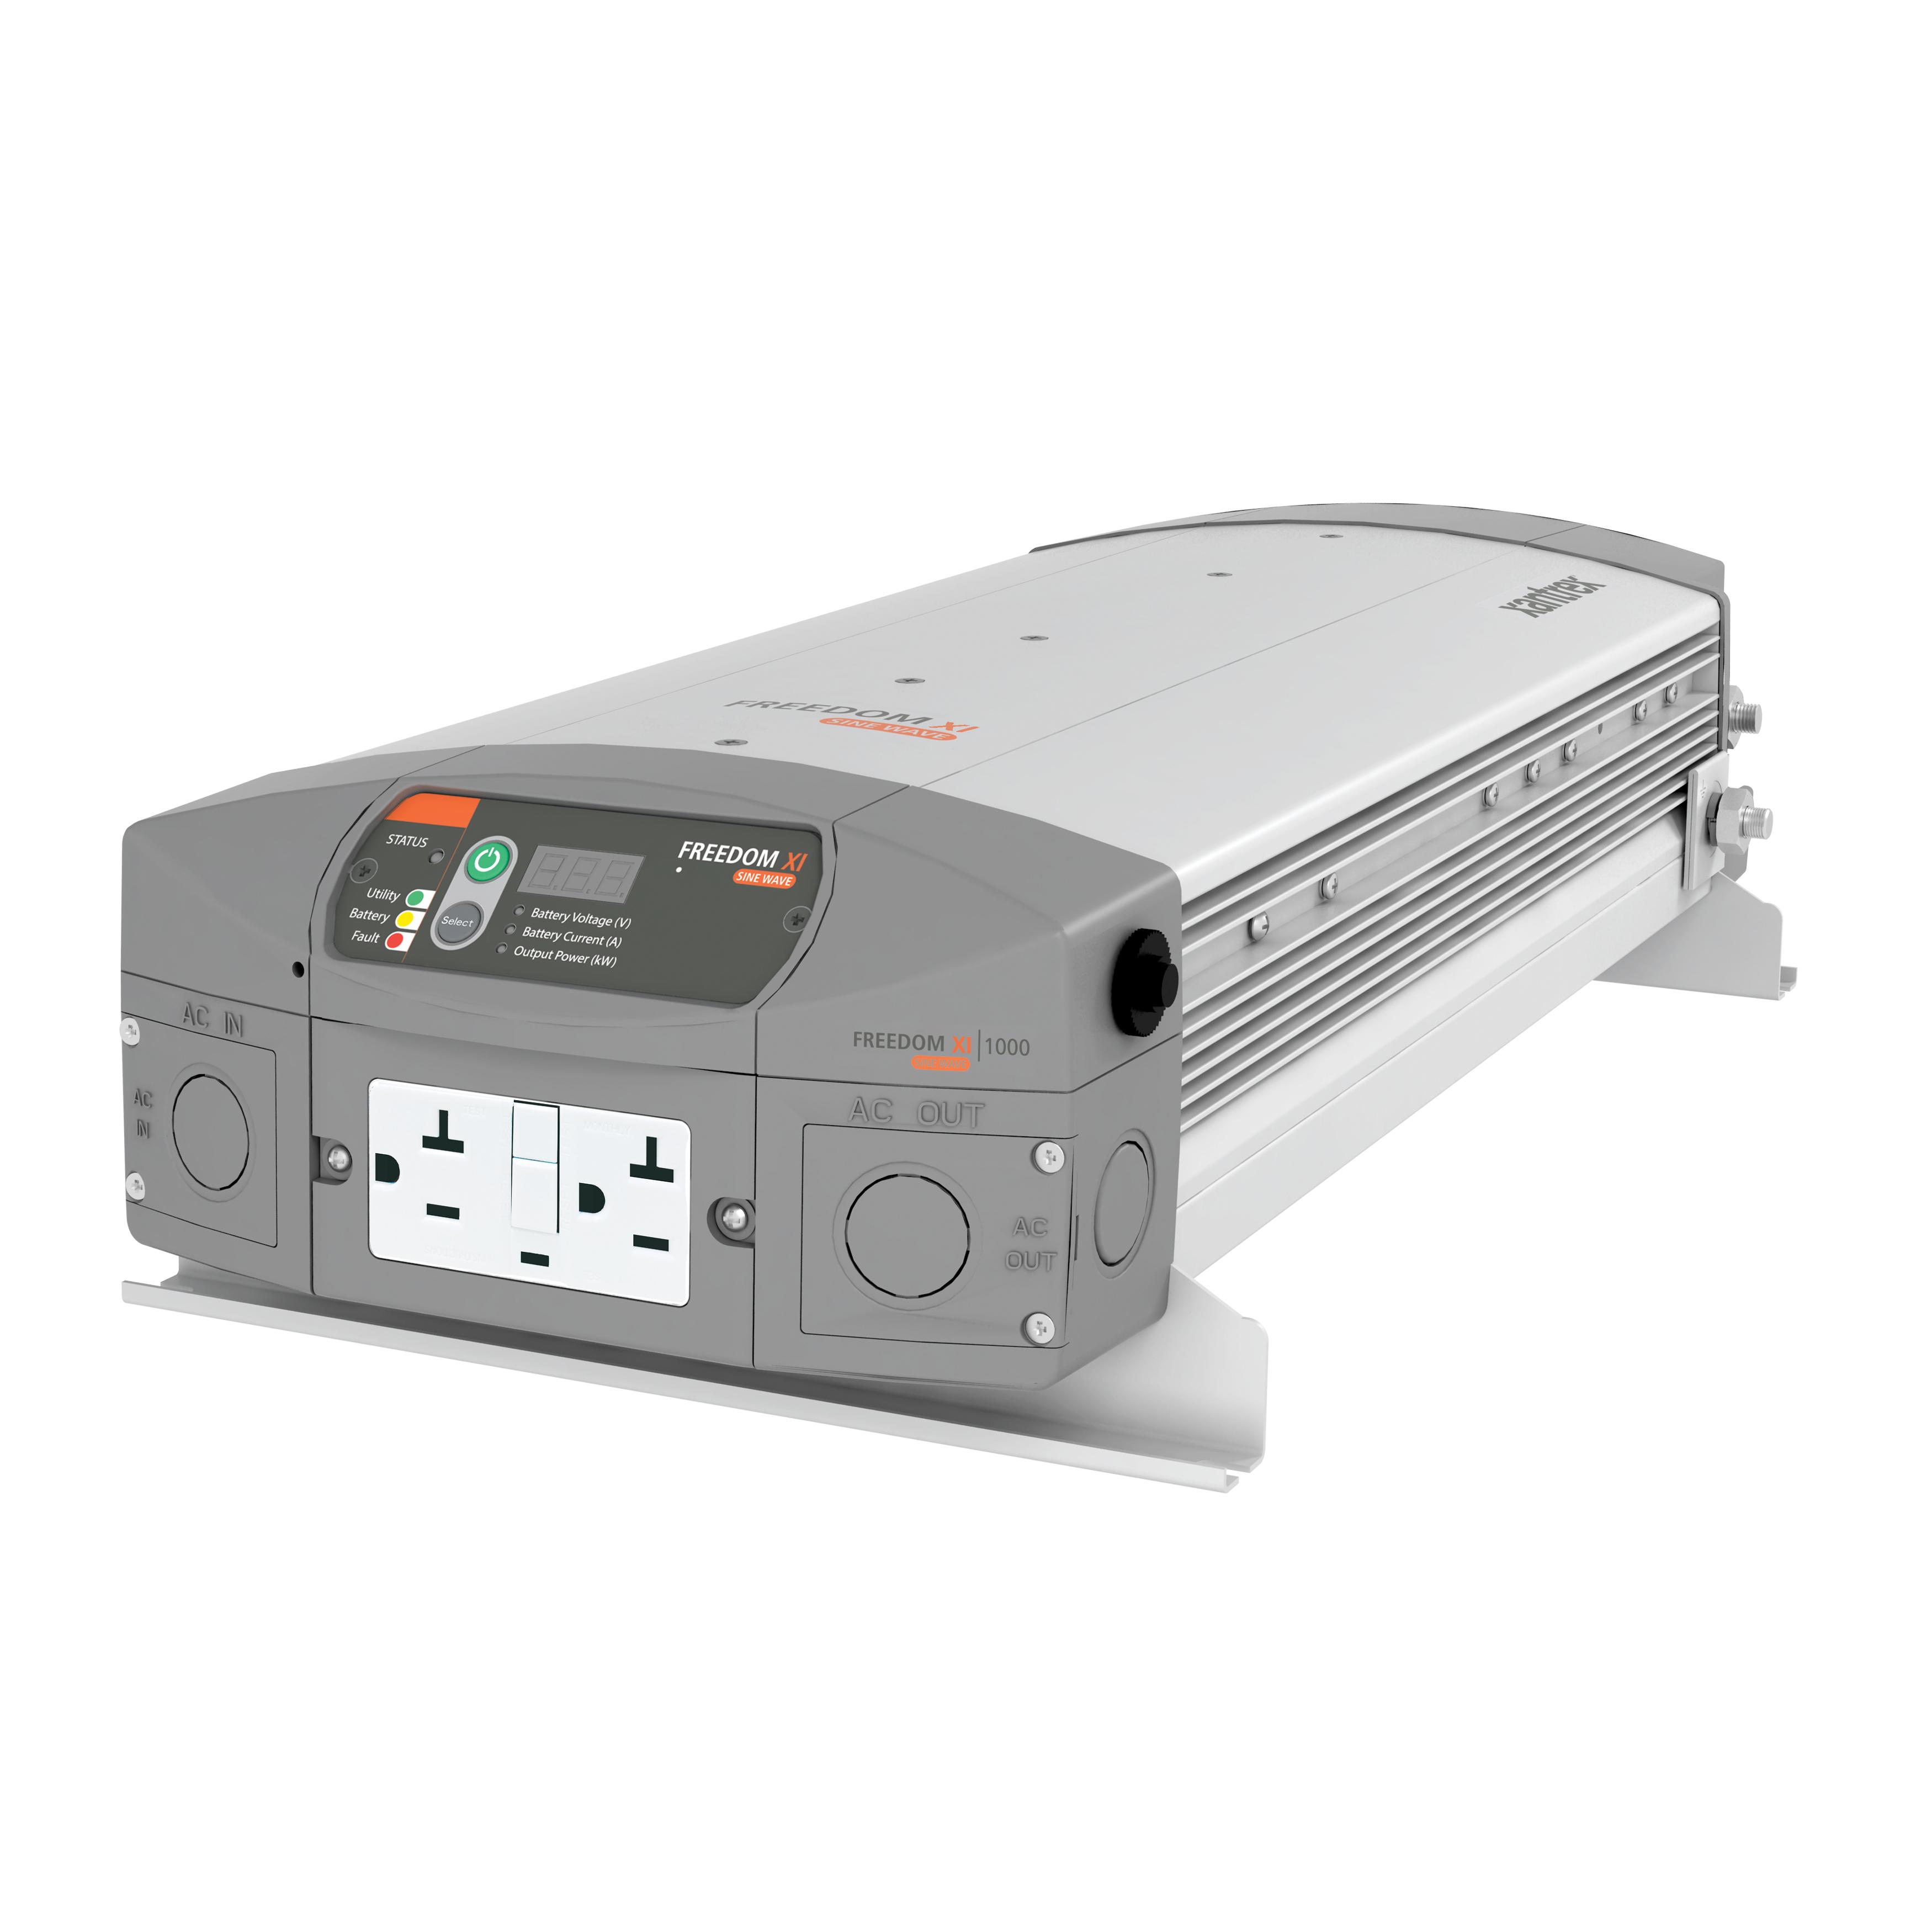 Xantrex Inverter Wiring Diagram | Wiring Diagram - Power Inverter Wiring Diagram